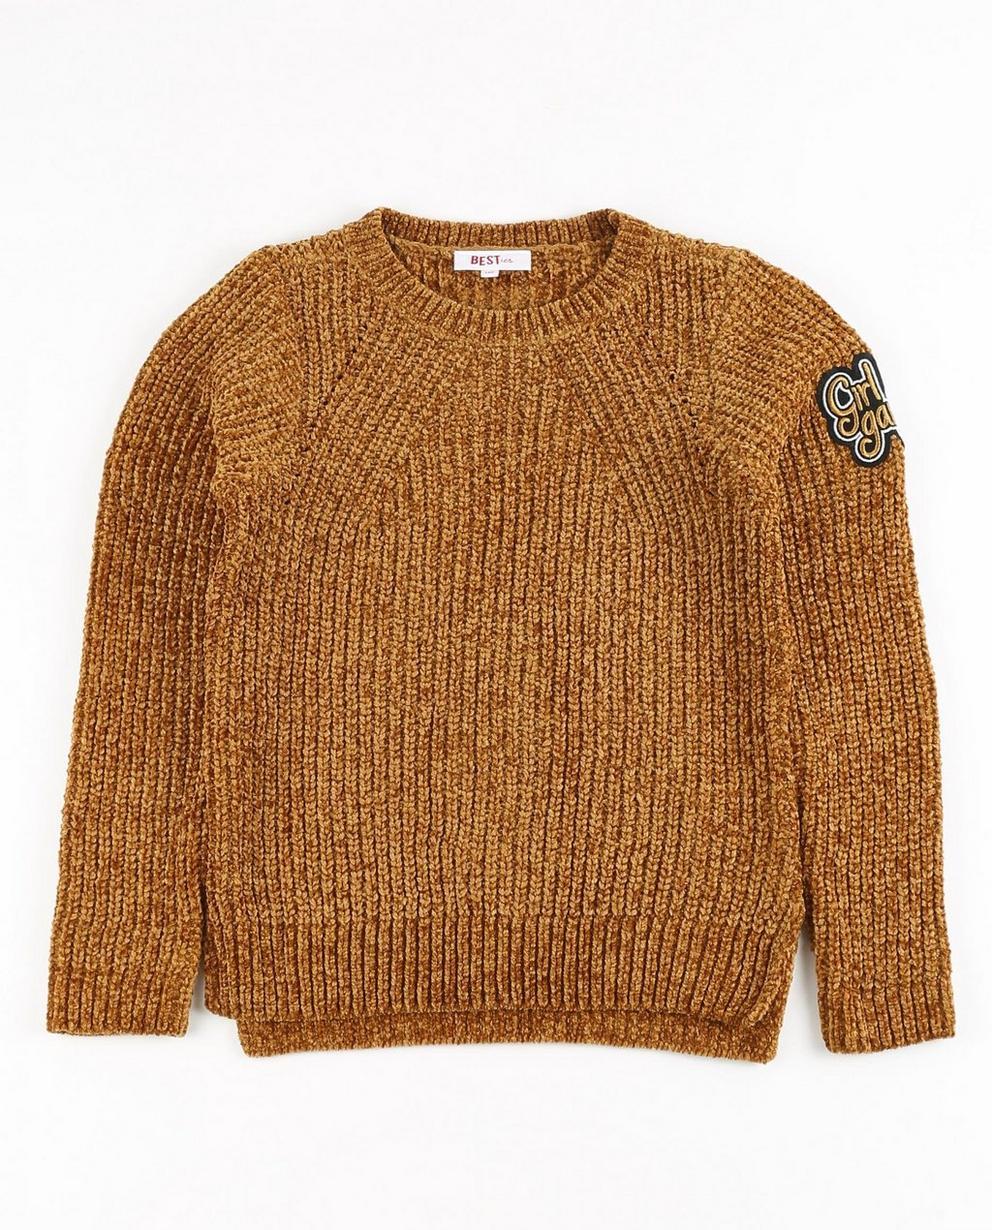 Lichtroze velvet sweater BESTies - null - Besties